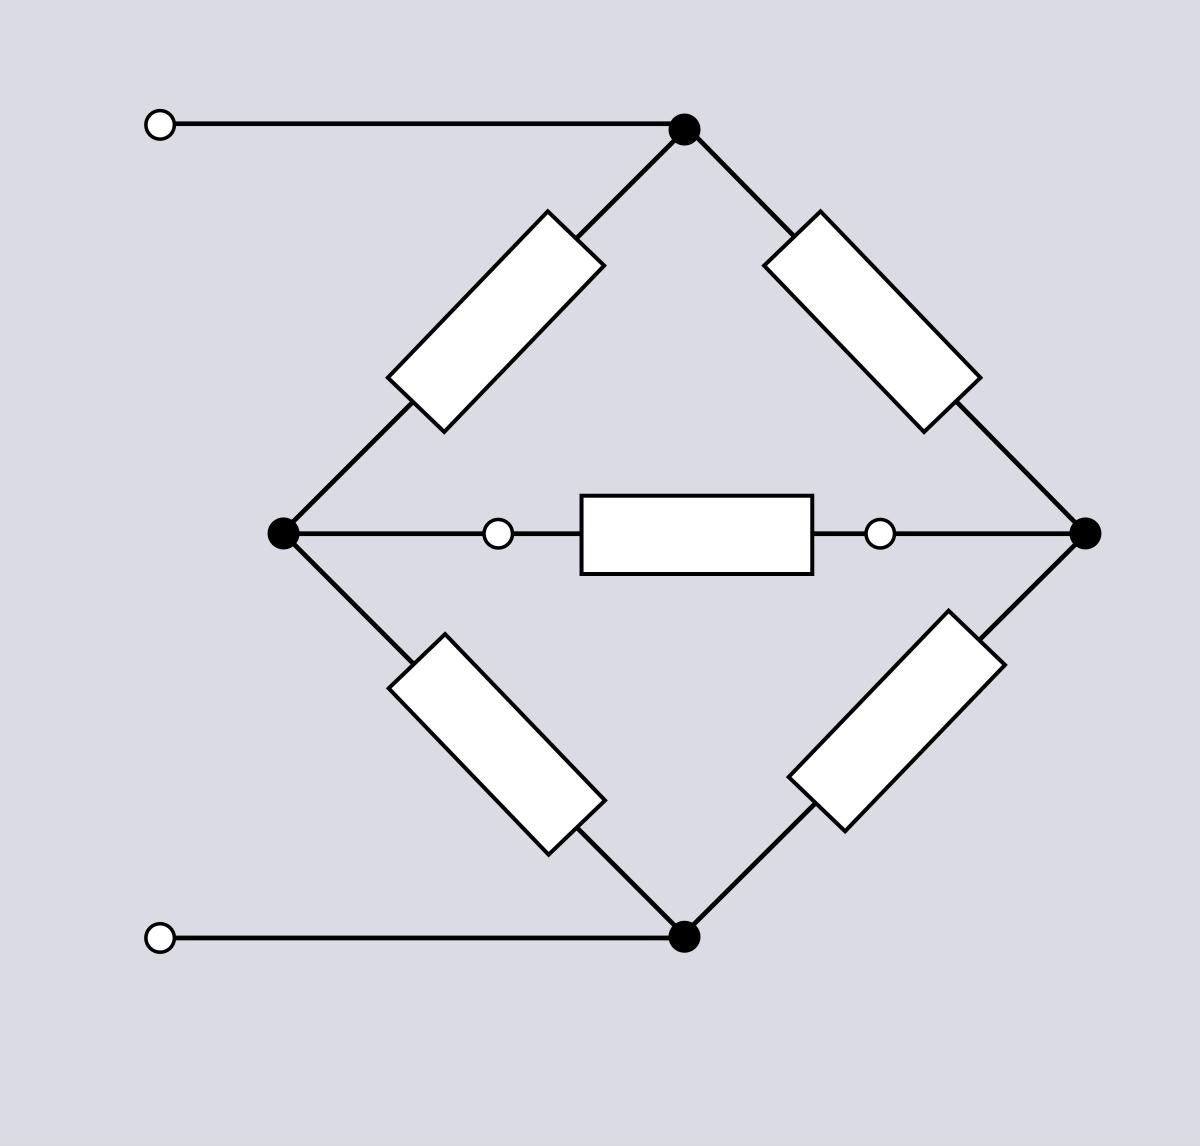 Гост 8.449-81 (ст сэв 5646-86) государственная система обеспечения единства измерений (гси). мосты постоянного тока измерительные. методика поверки (с изменением n 1)